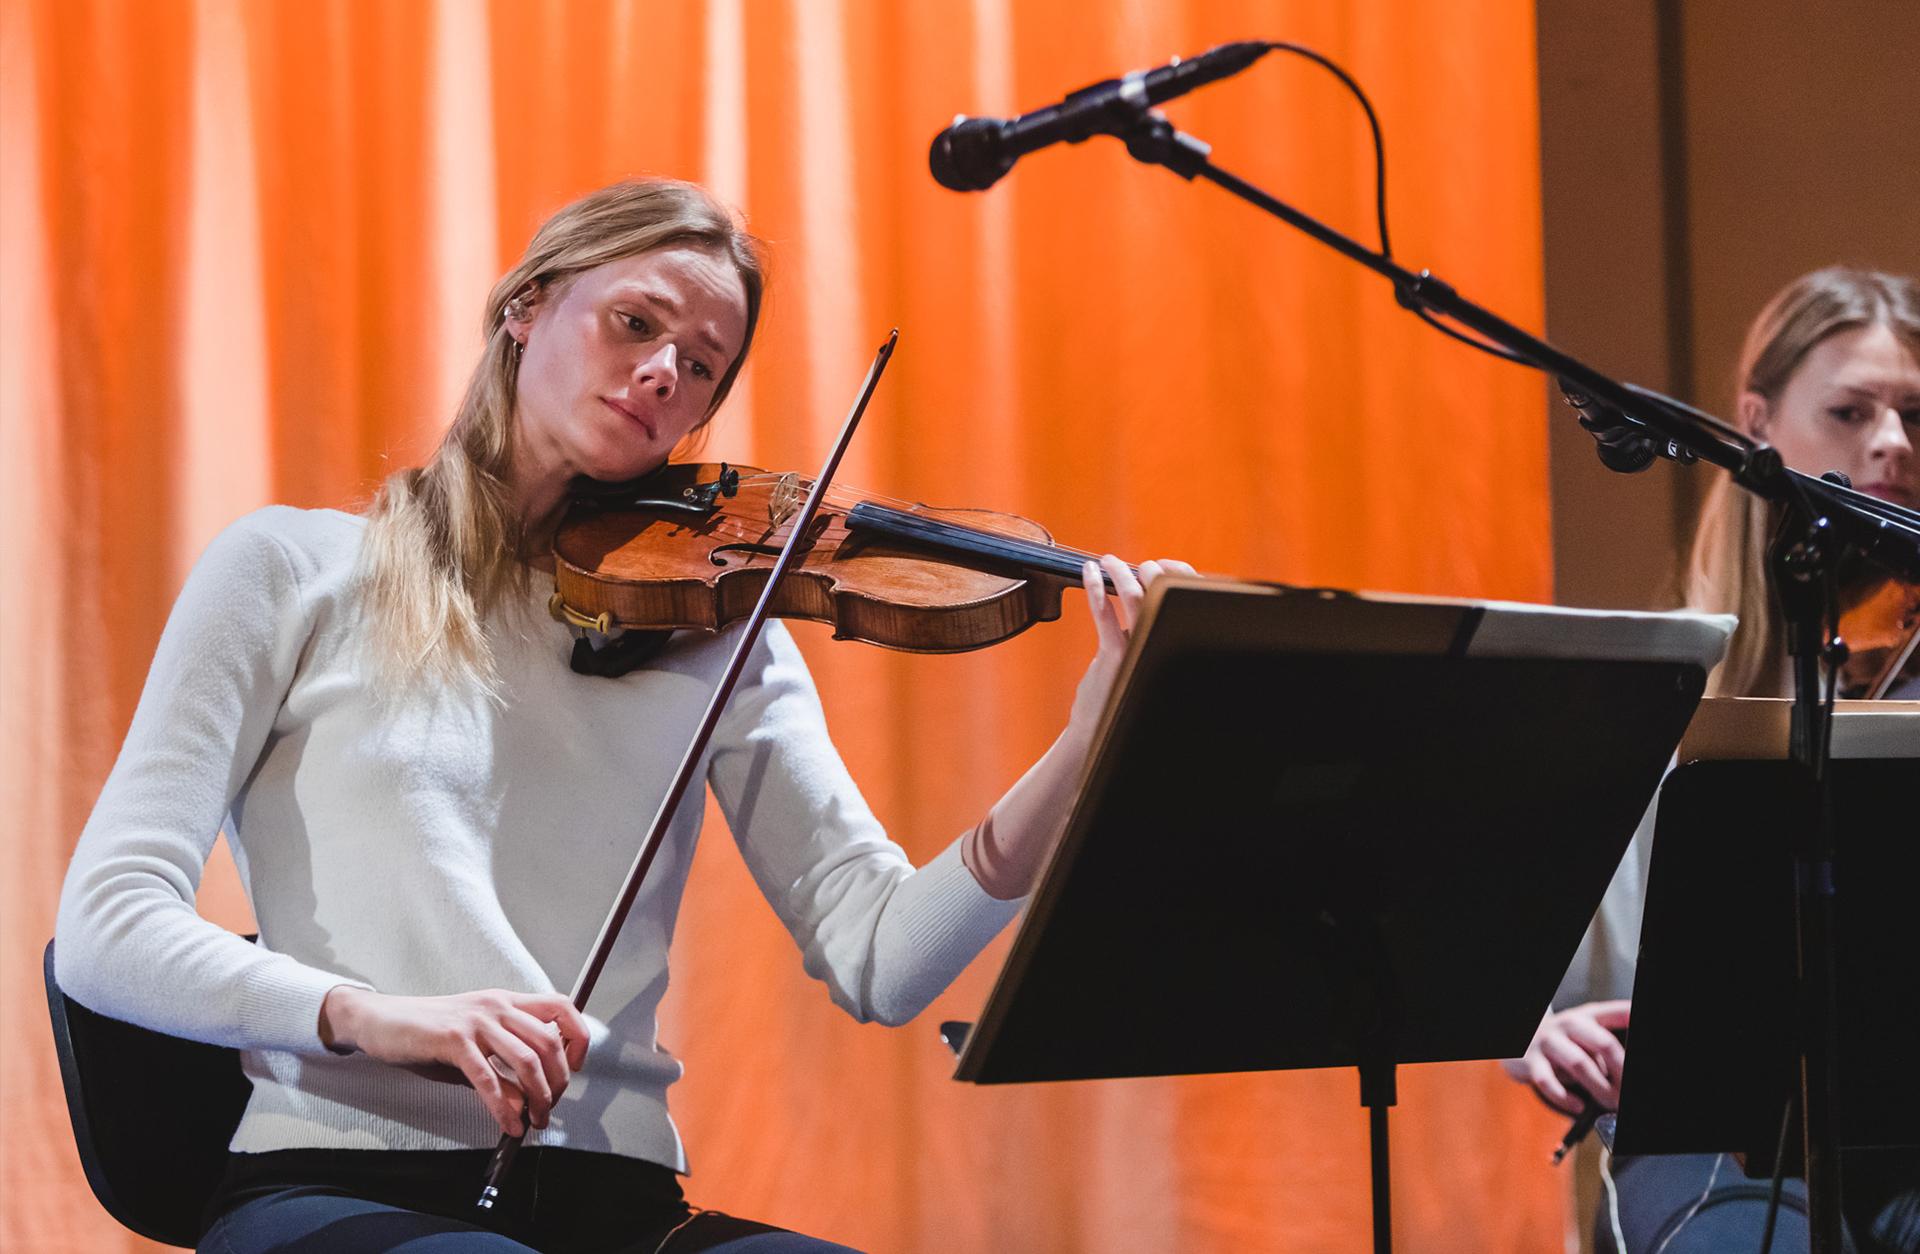 Ljushårig kvinna spelar fiol